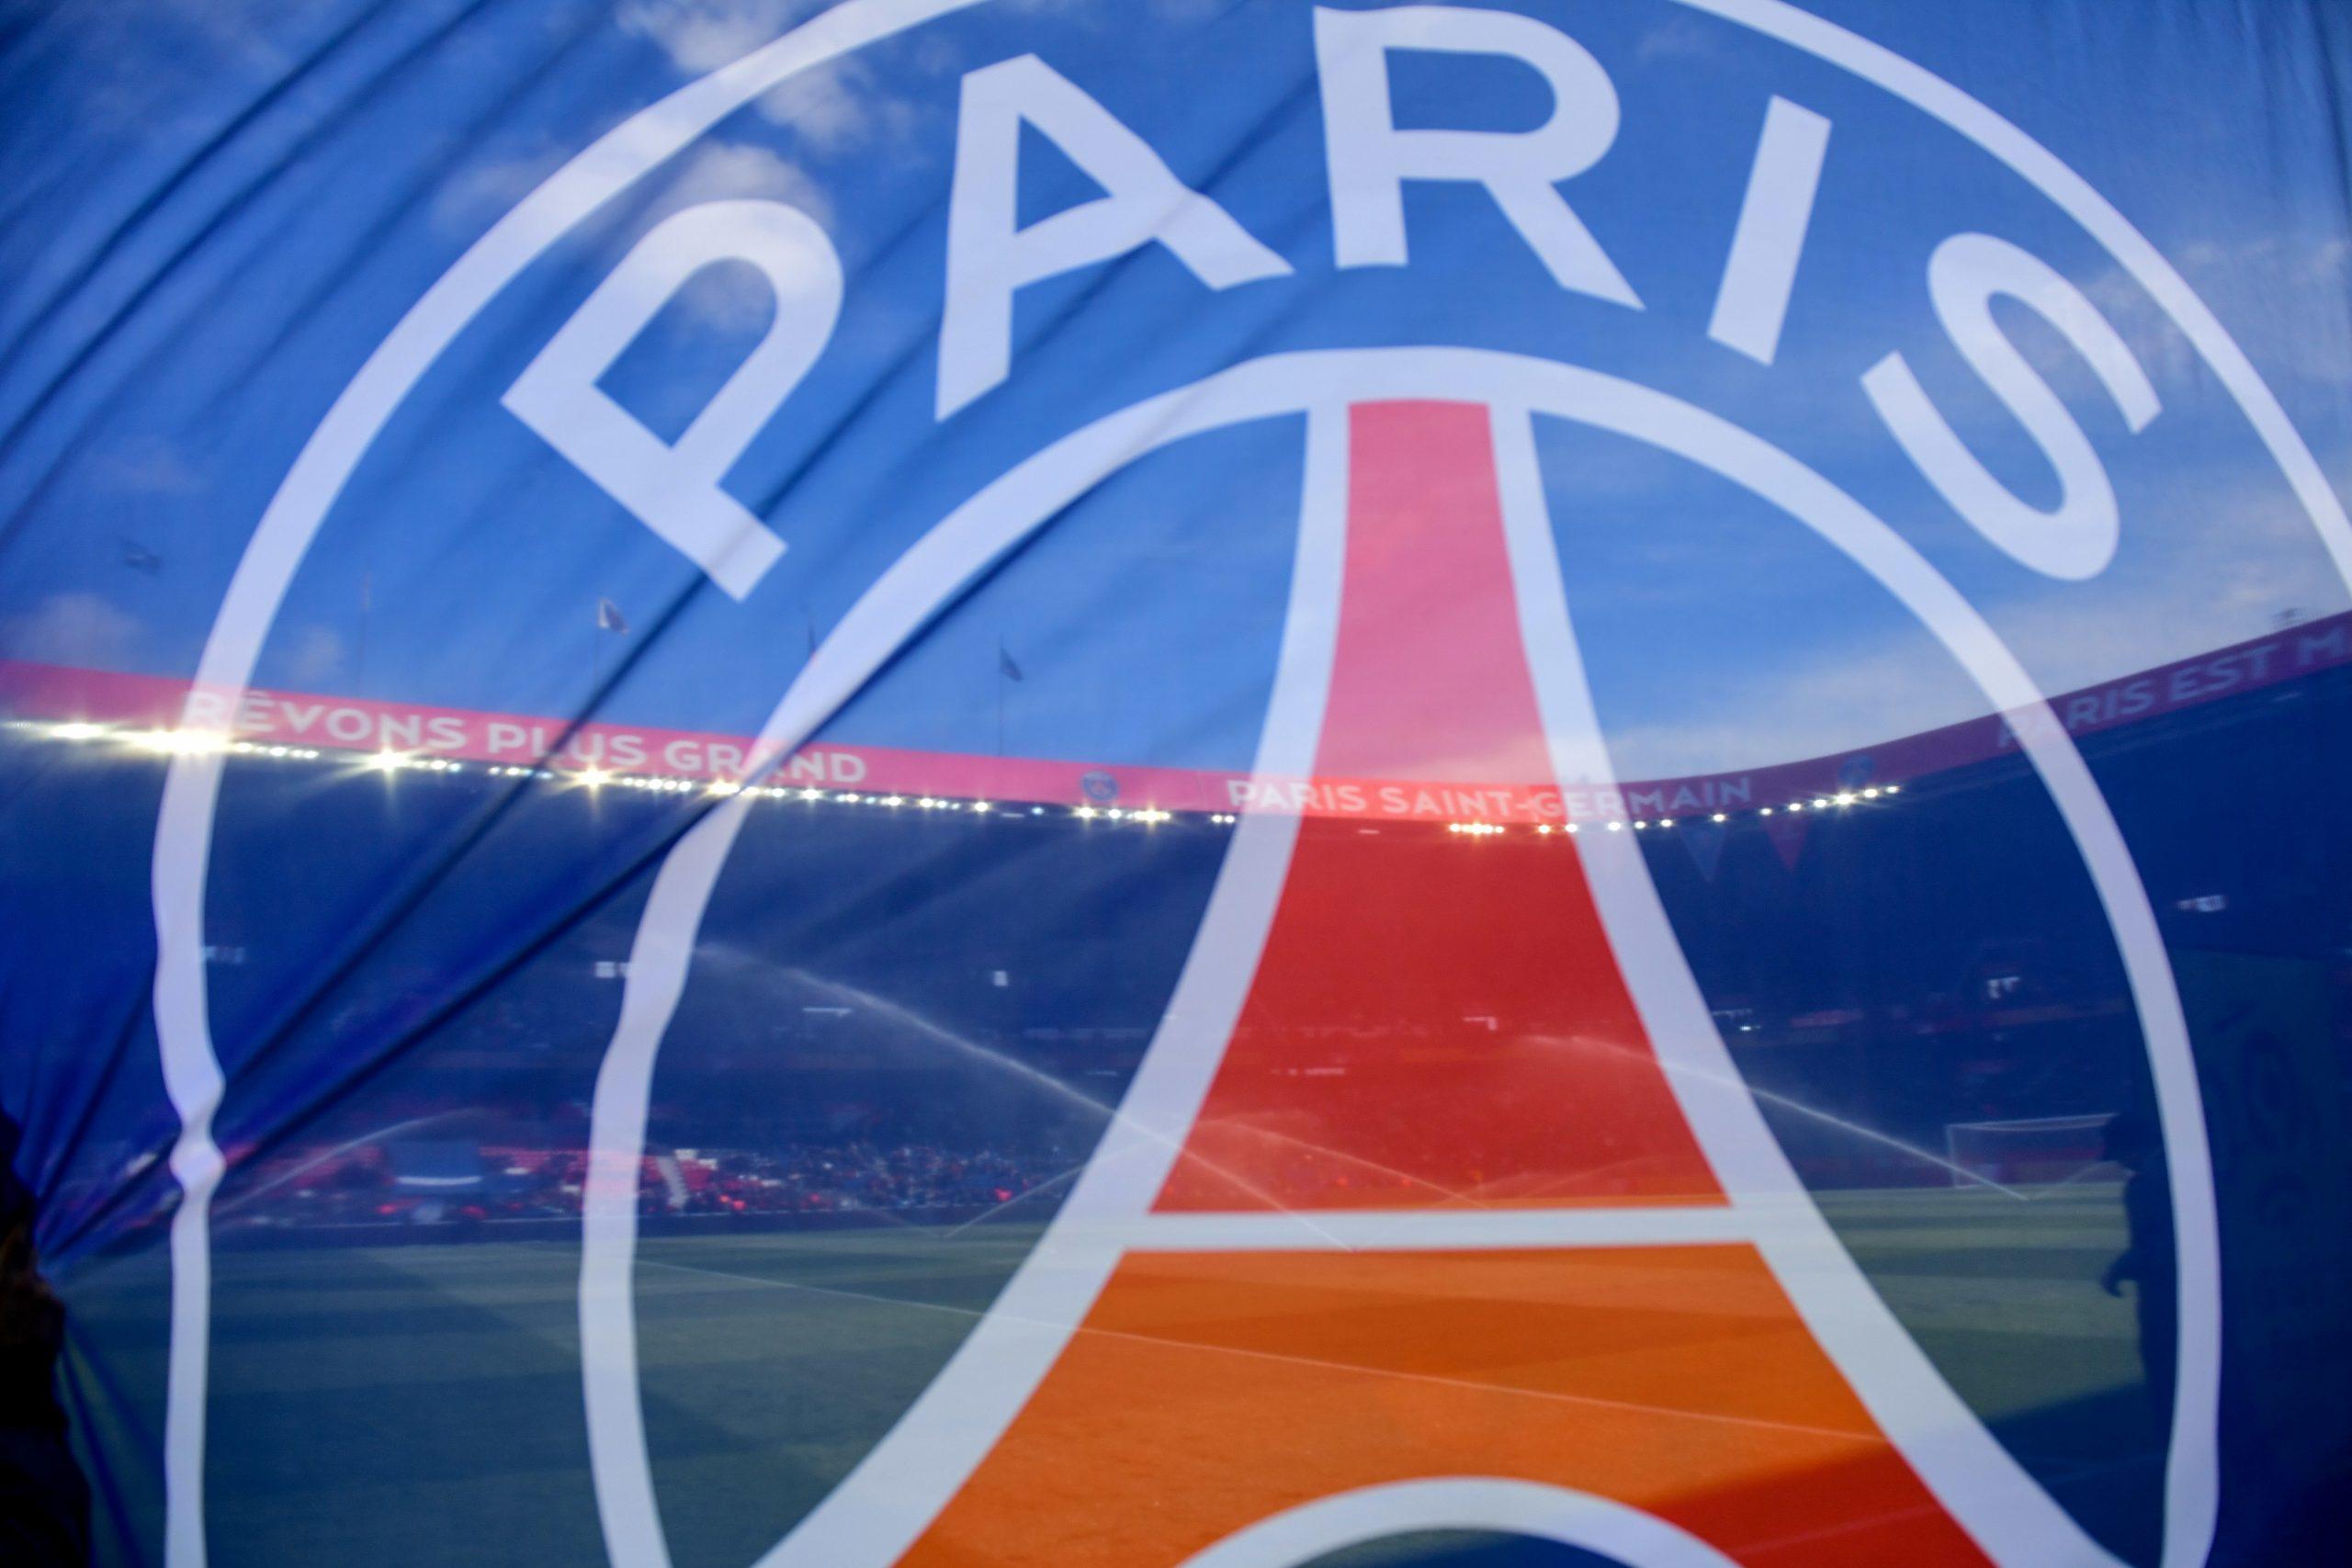 Le PSG a notamment 3 pays en tête pour ses matchs de préparation cet été, selon RMC Sport